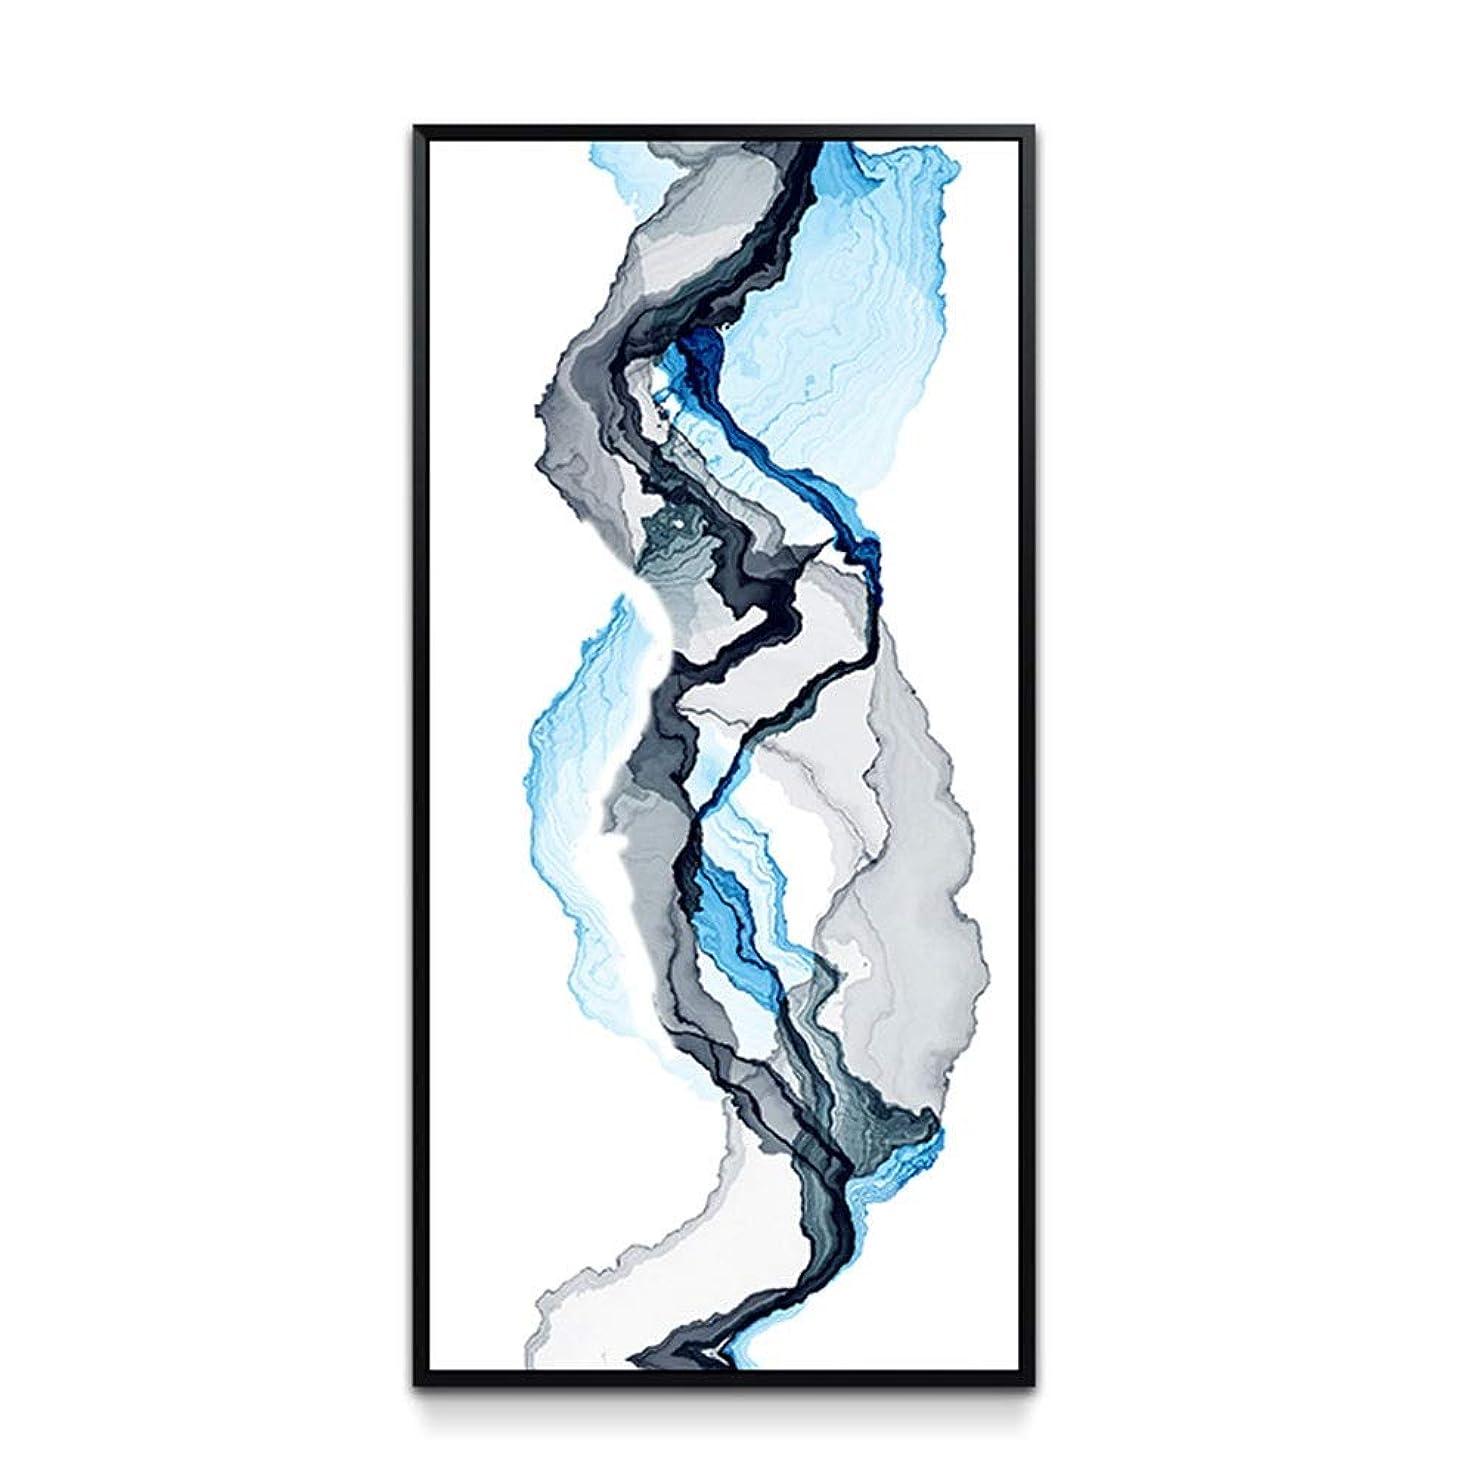 最初はロイヤリティ胚ZR モダンな抽象的装飾画、シンプルなぶら下げ絵画 - リビングルームのダイニングルームの廊下の壁画垂直壁画に適して (色 : ゴールド, PATTERN : B)